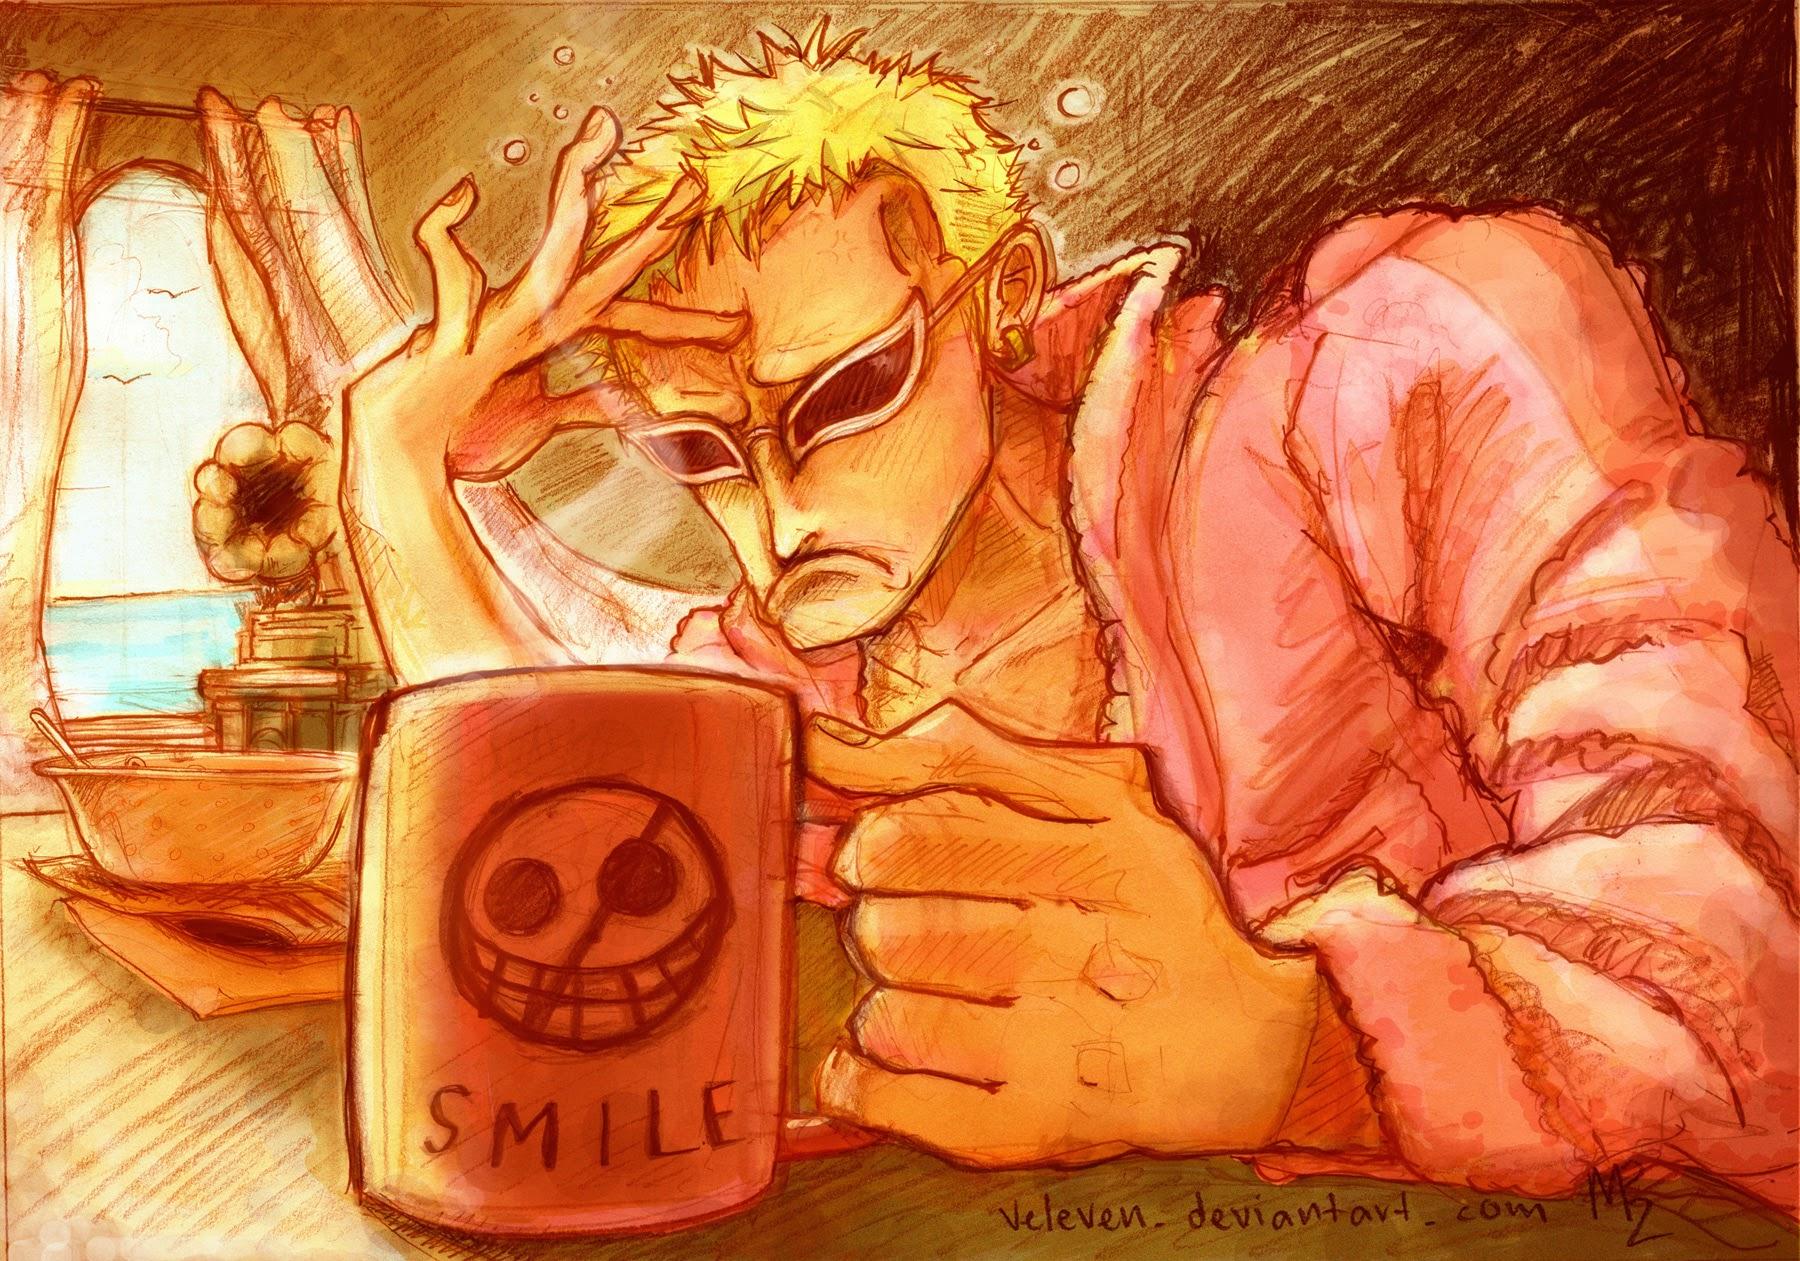 One Piece Chapter 755: Trận chiến của đàn ông 019